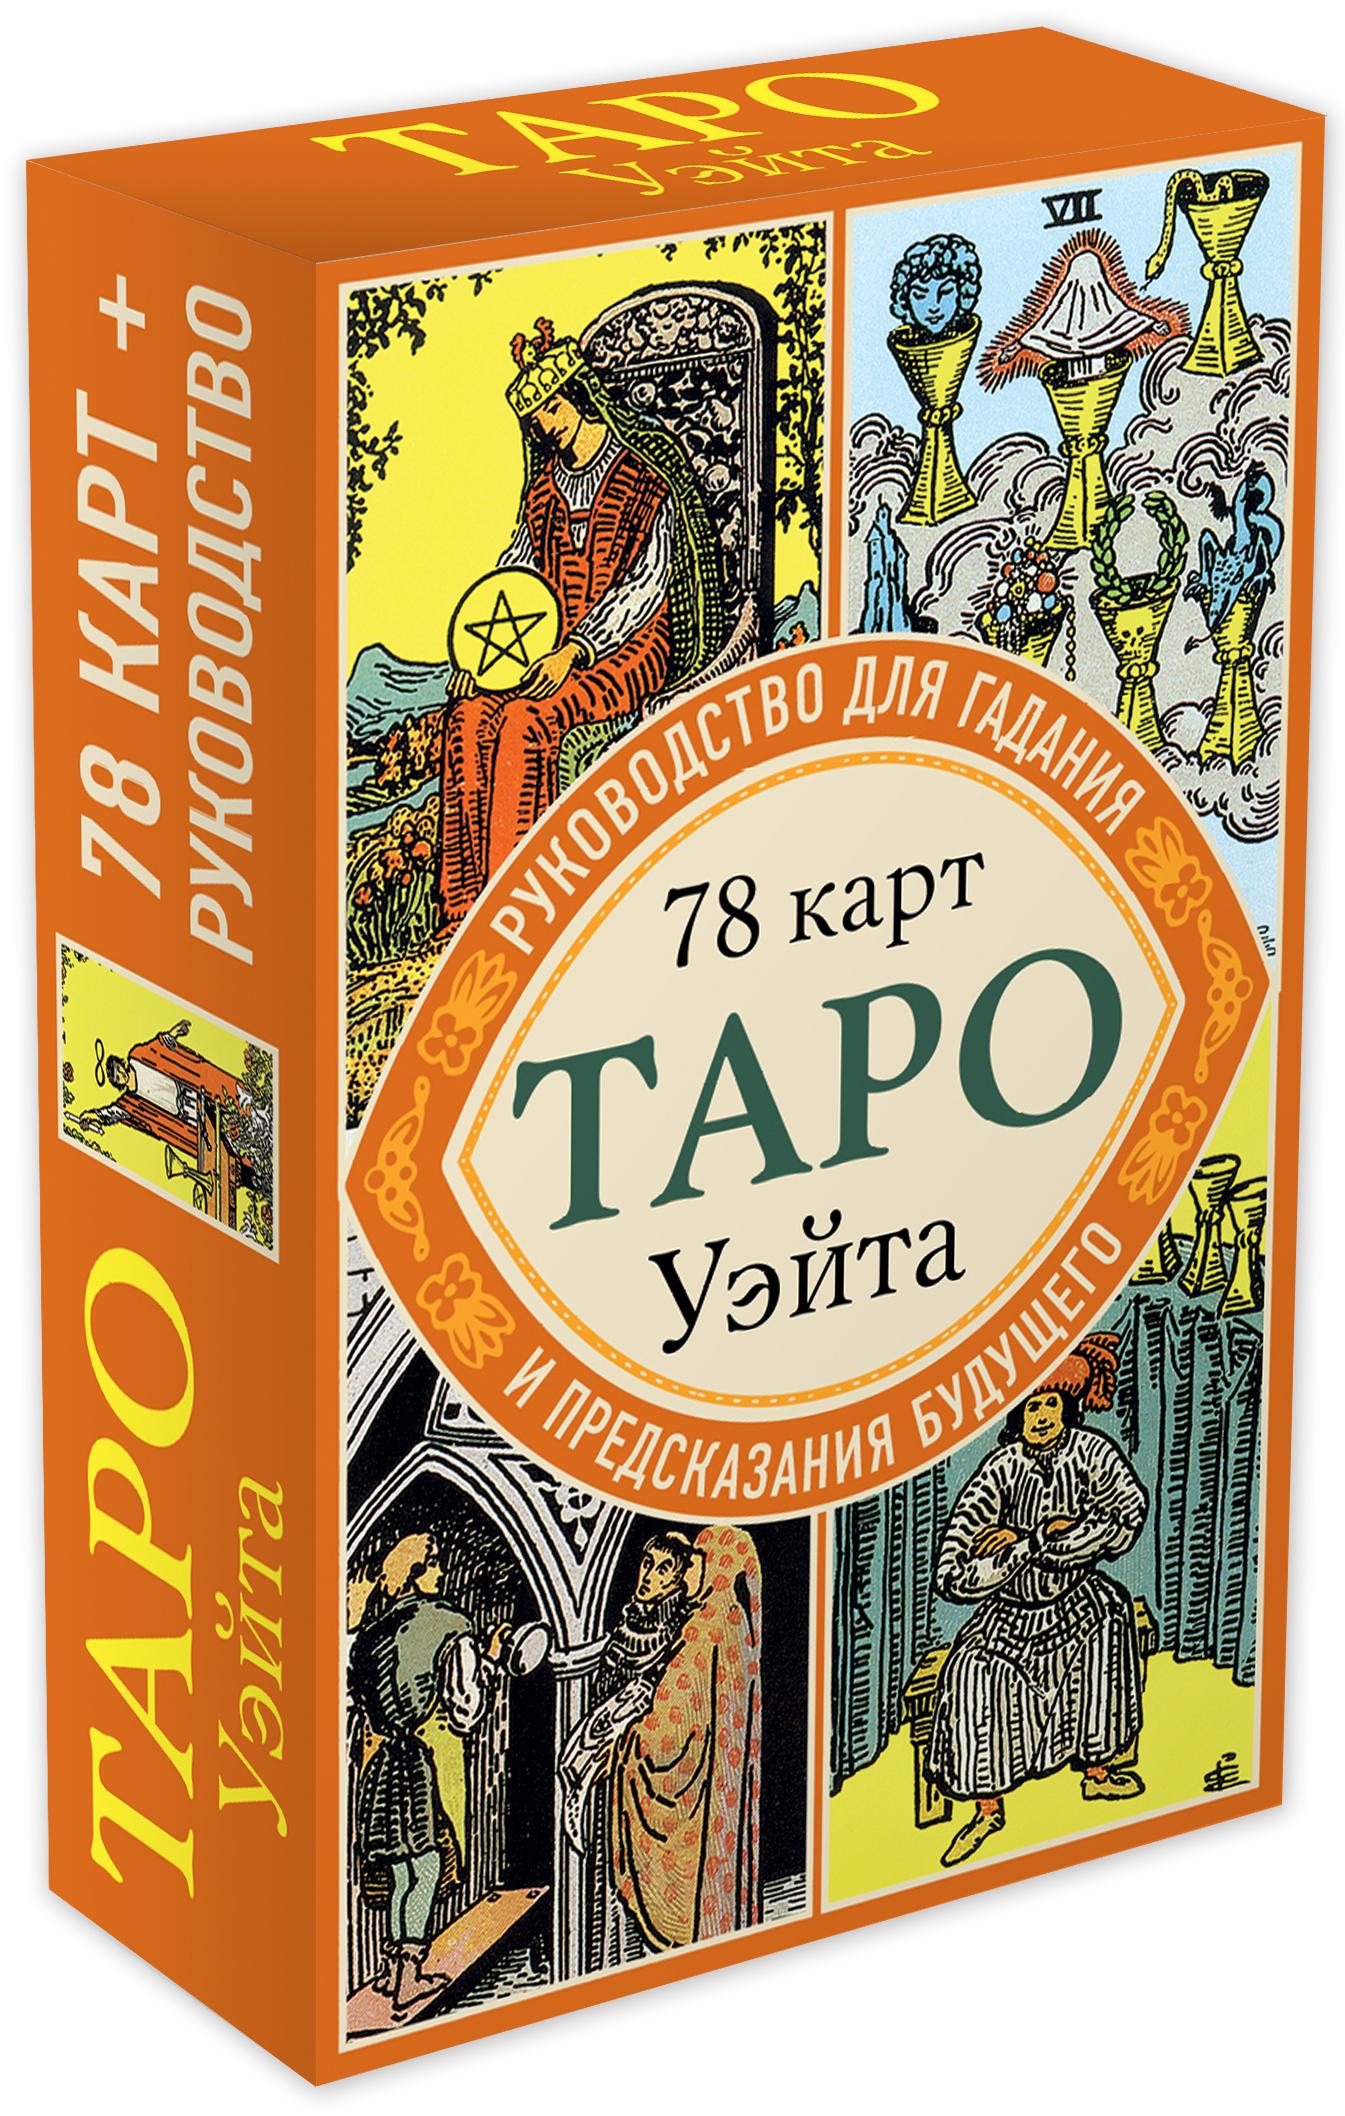 Таро Уэйта. Руководство для гадания и предсказания будущего (78 карт + инструкция в коробке)